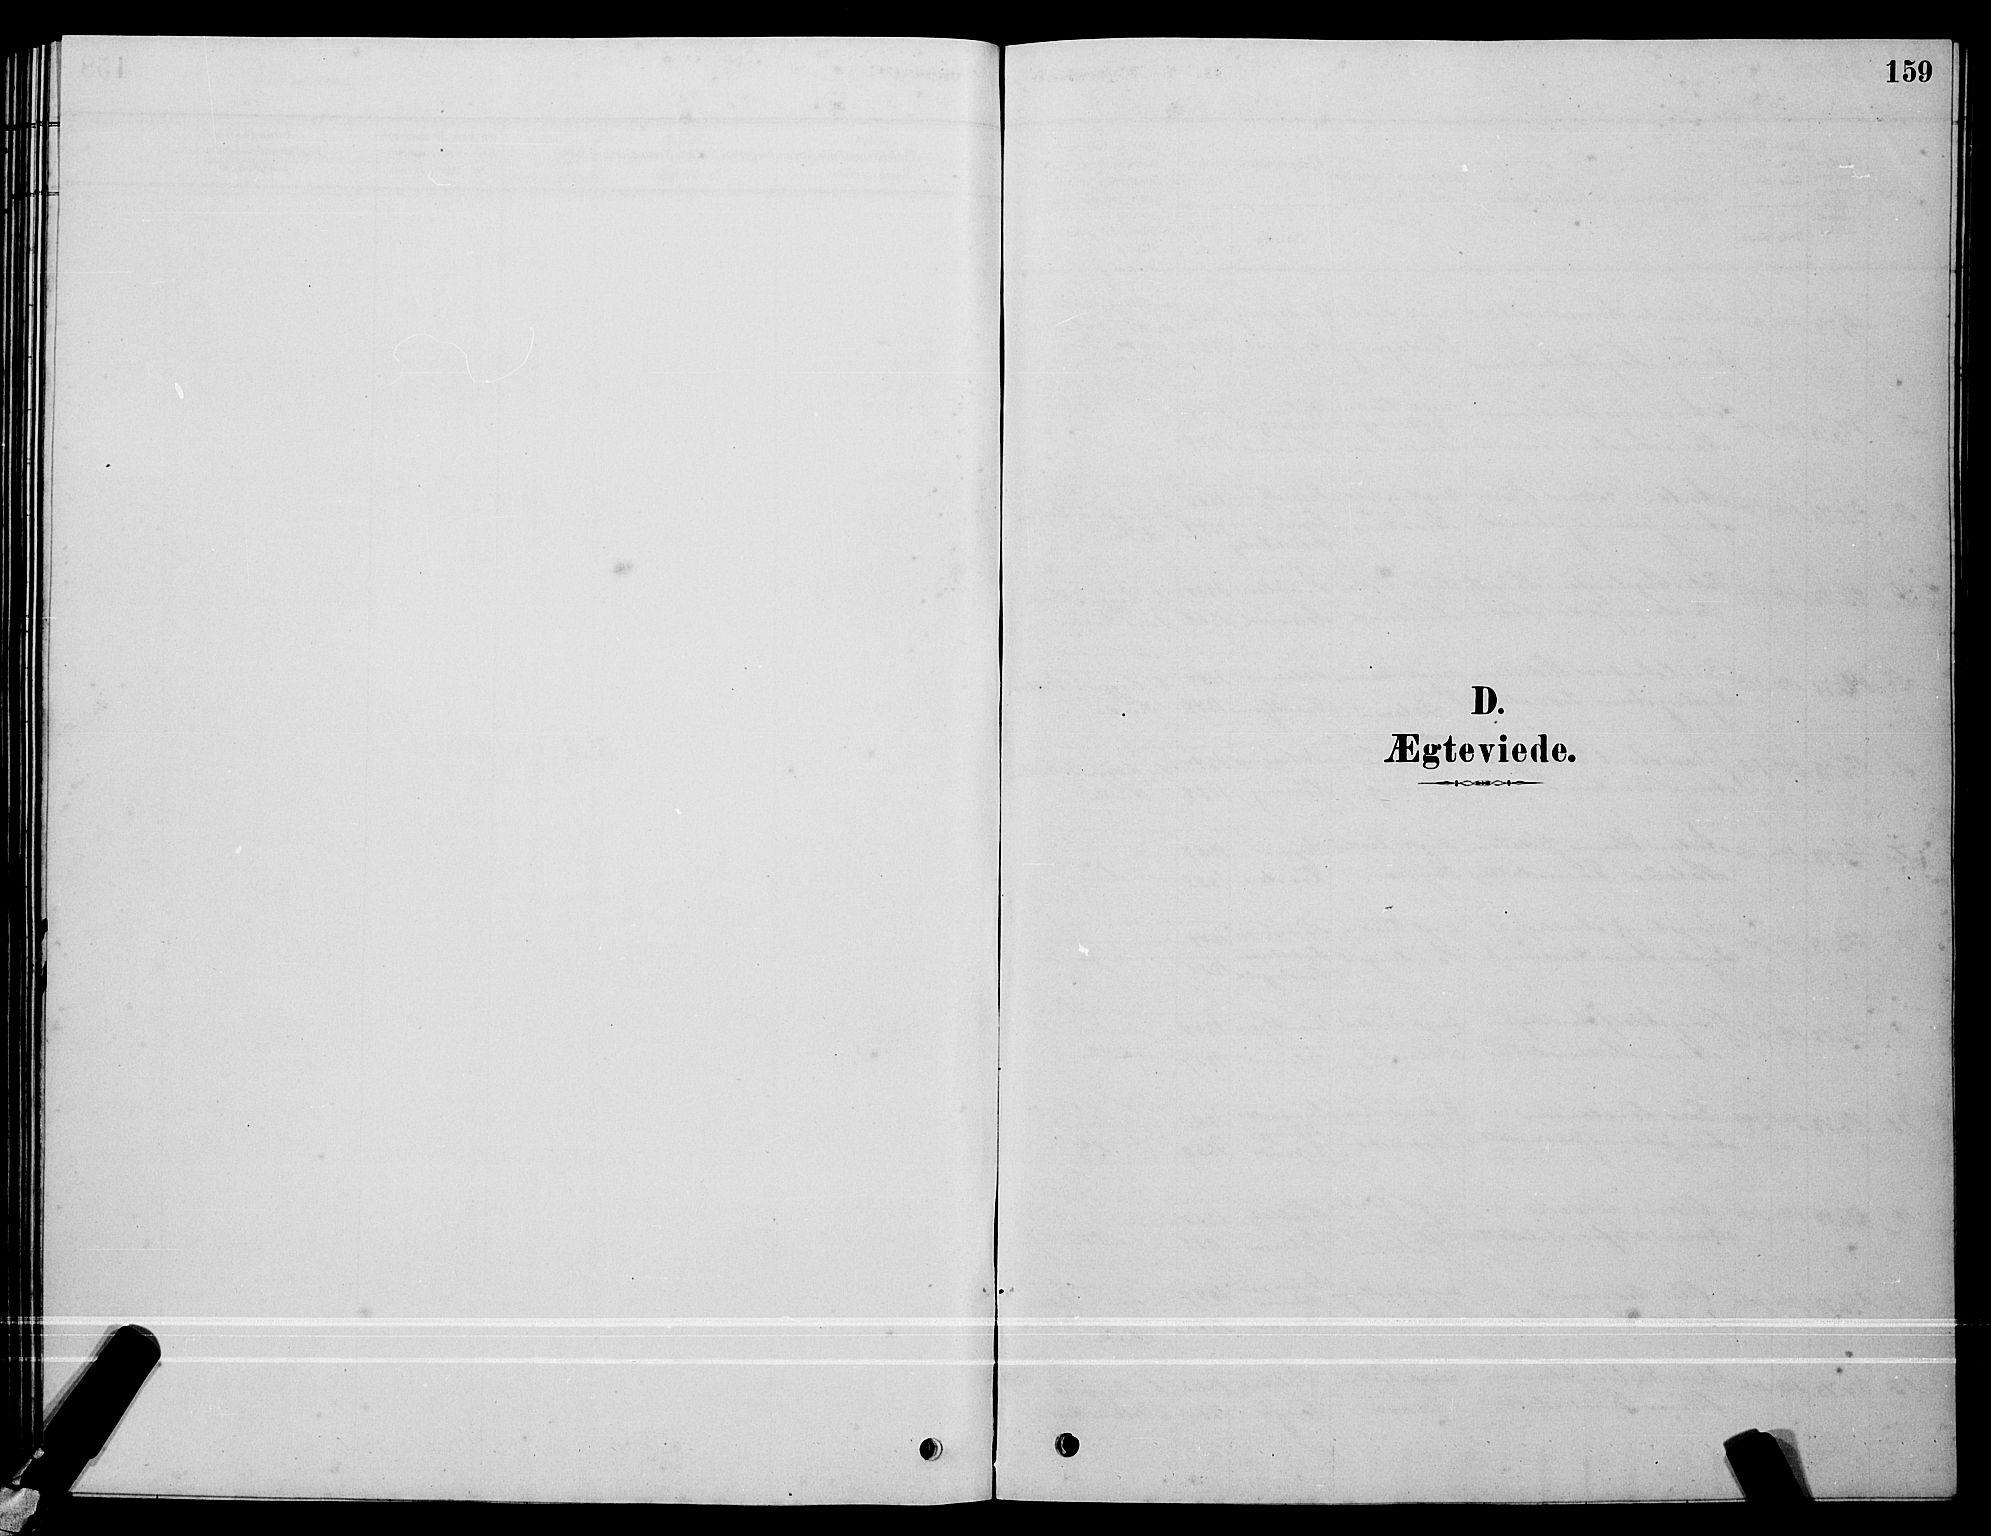 SAT, Ministerialprotokoller, klokkerbøker og fødselsregistre - Sør-Trøndelag, 640/L0585: Klokkerbok nr. 640C03, 1878-1891, s. 159